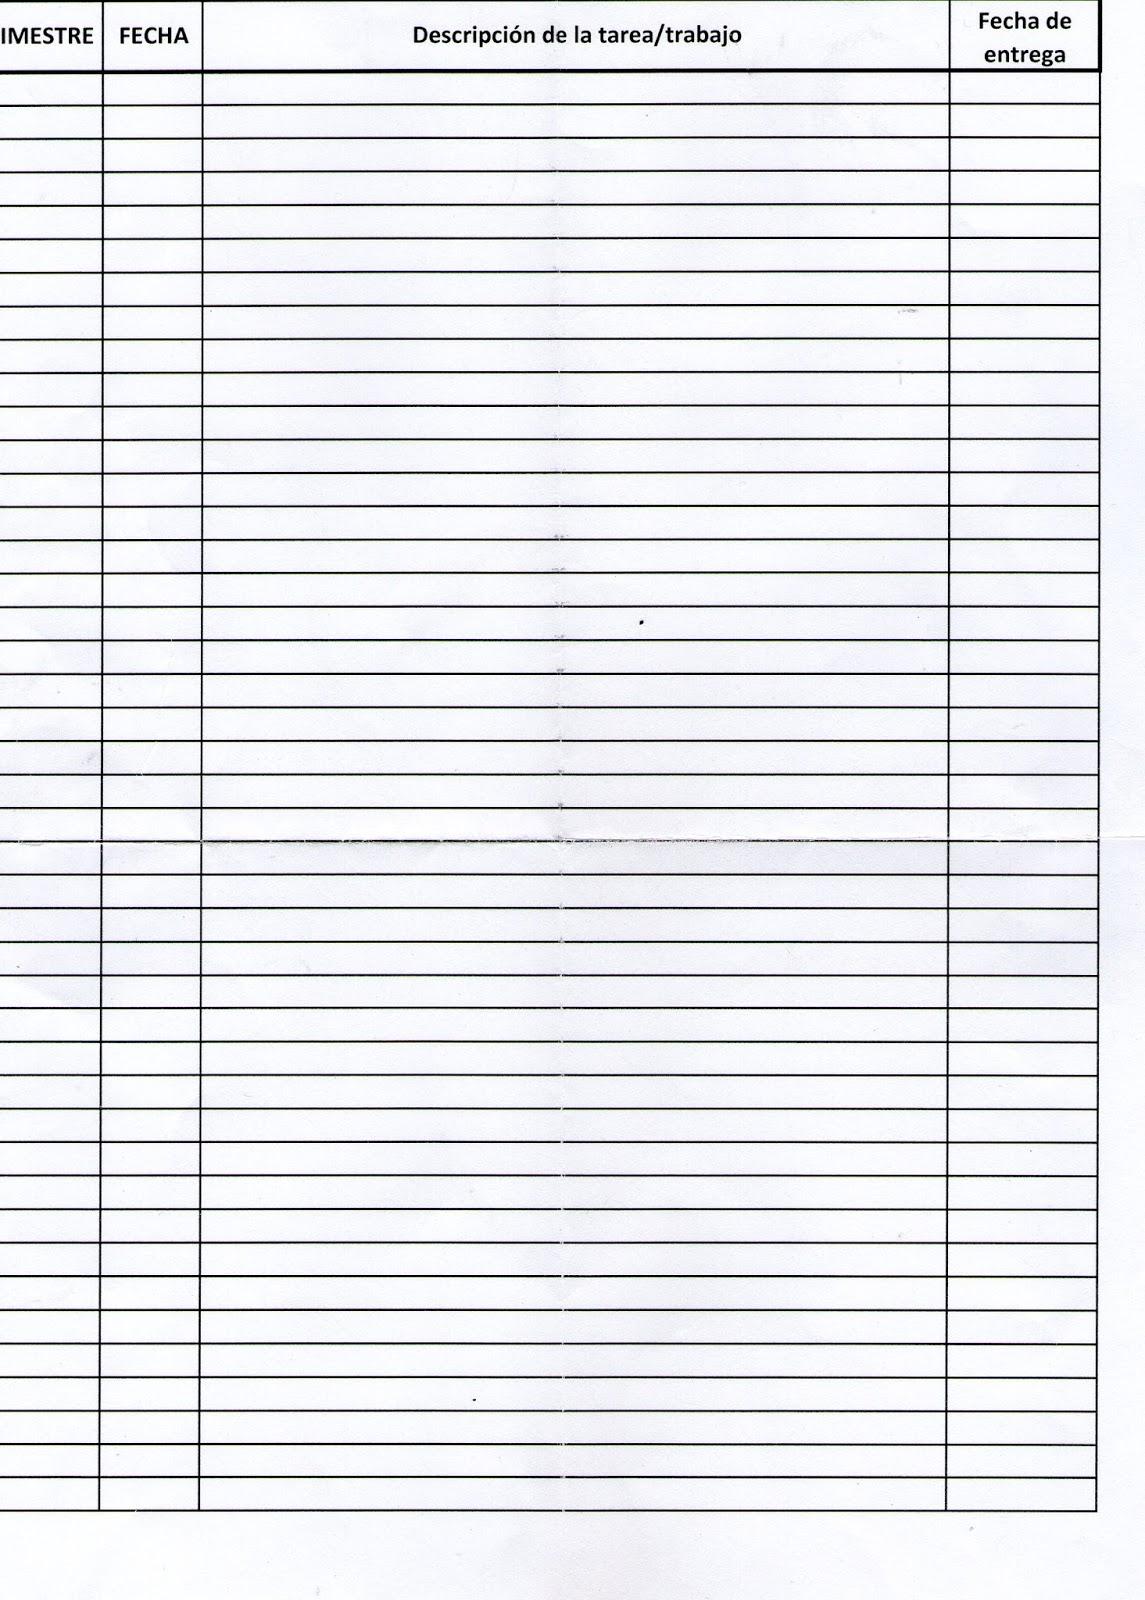 Hoja de registro de Tareas/Trabajos Matemáticas | Instituto Juárez 2 ...